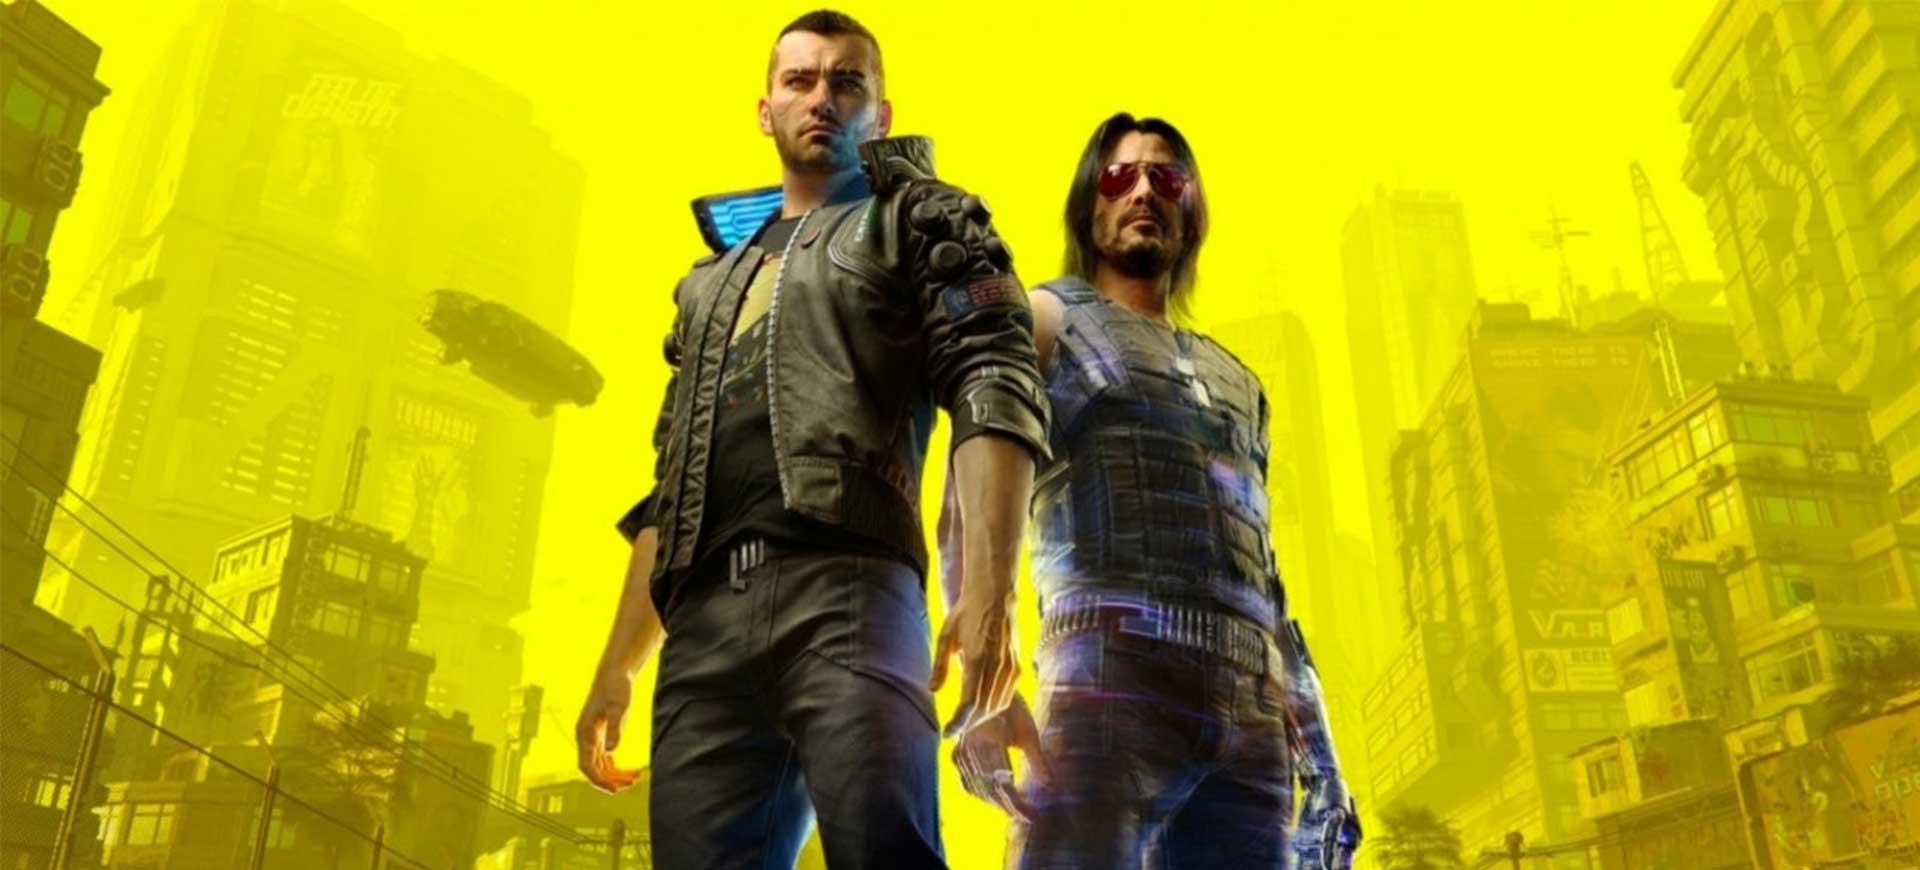 Cyberpunk 2077 - Đánh Giá Game